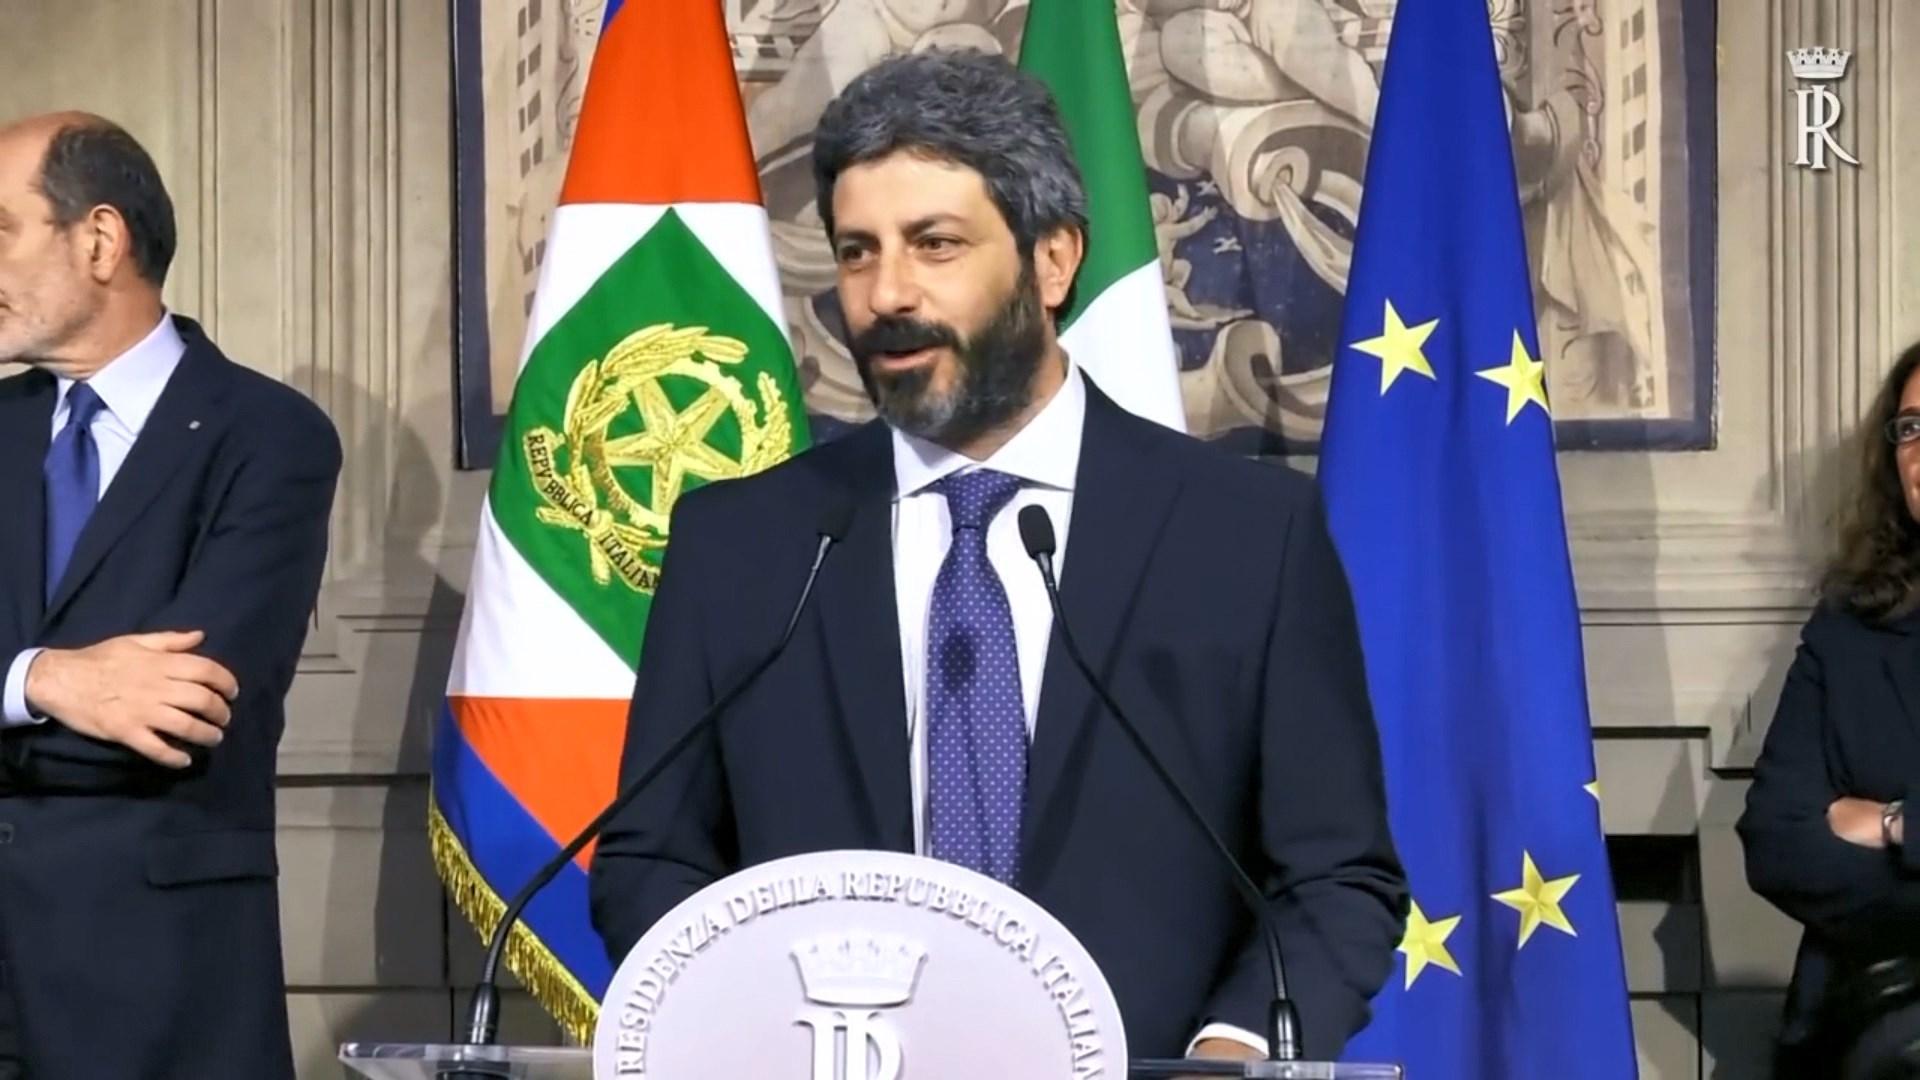 Itali, Lëvizja 5 yjet dhe Partia Demokratike, një hap larg koalicionit qeverisës